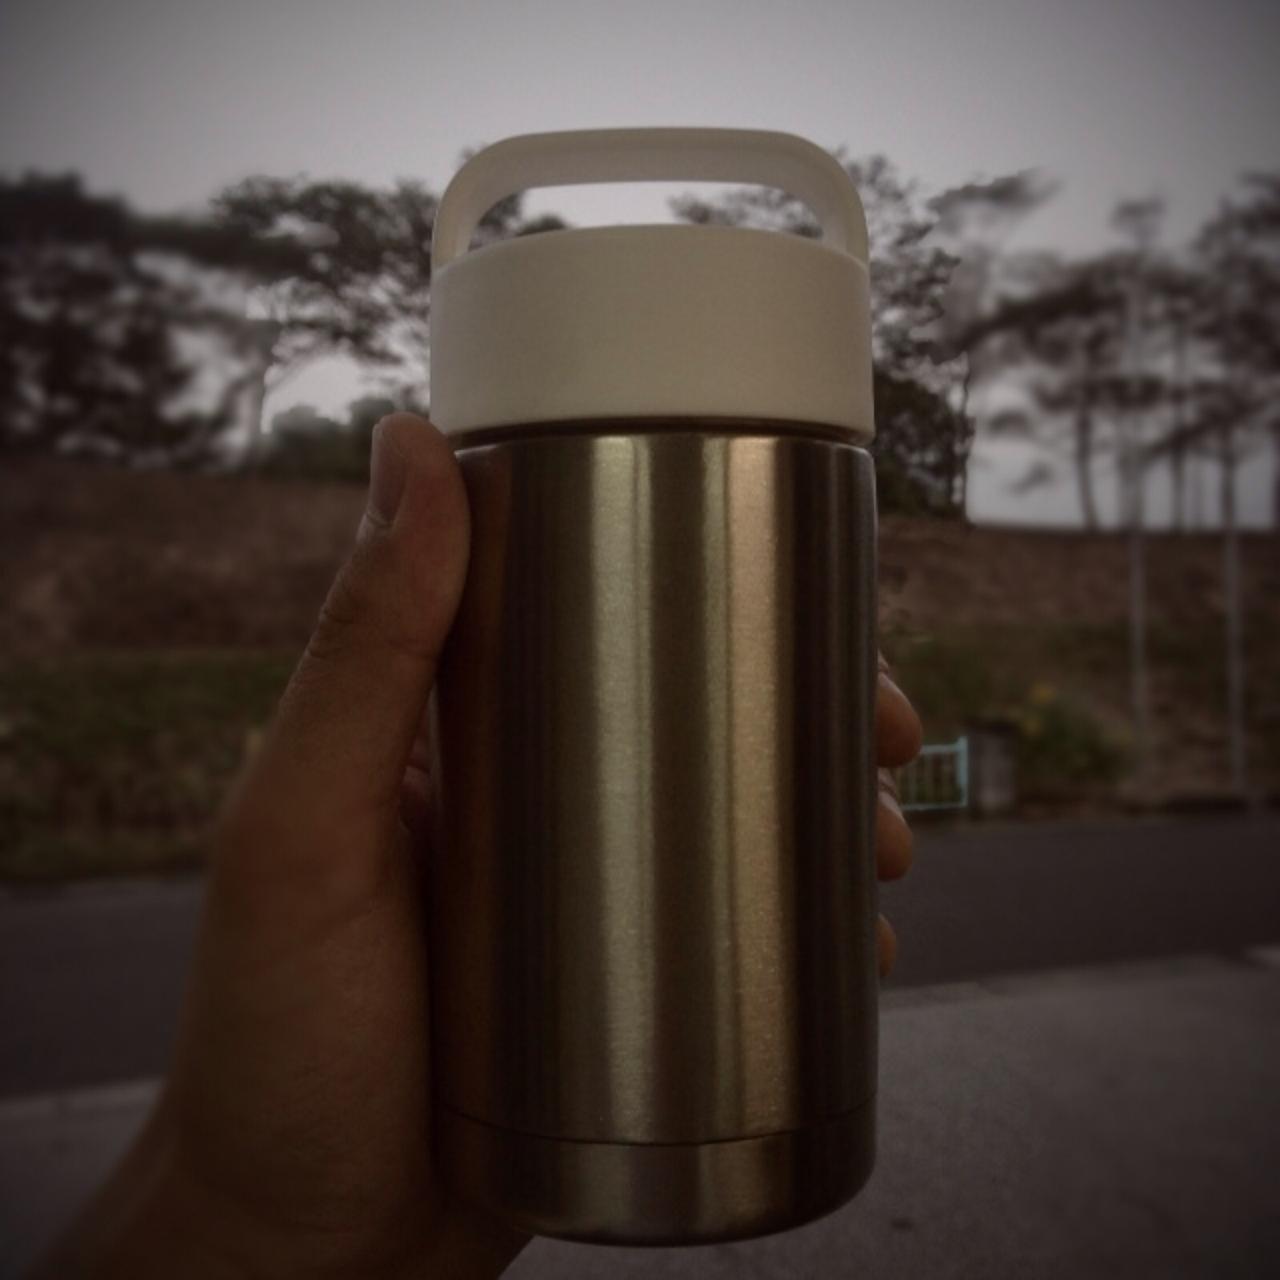 美味しいコーヒーを飲むための水筒に求めるたったの2つのこと